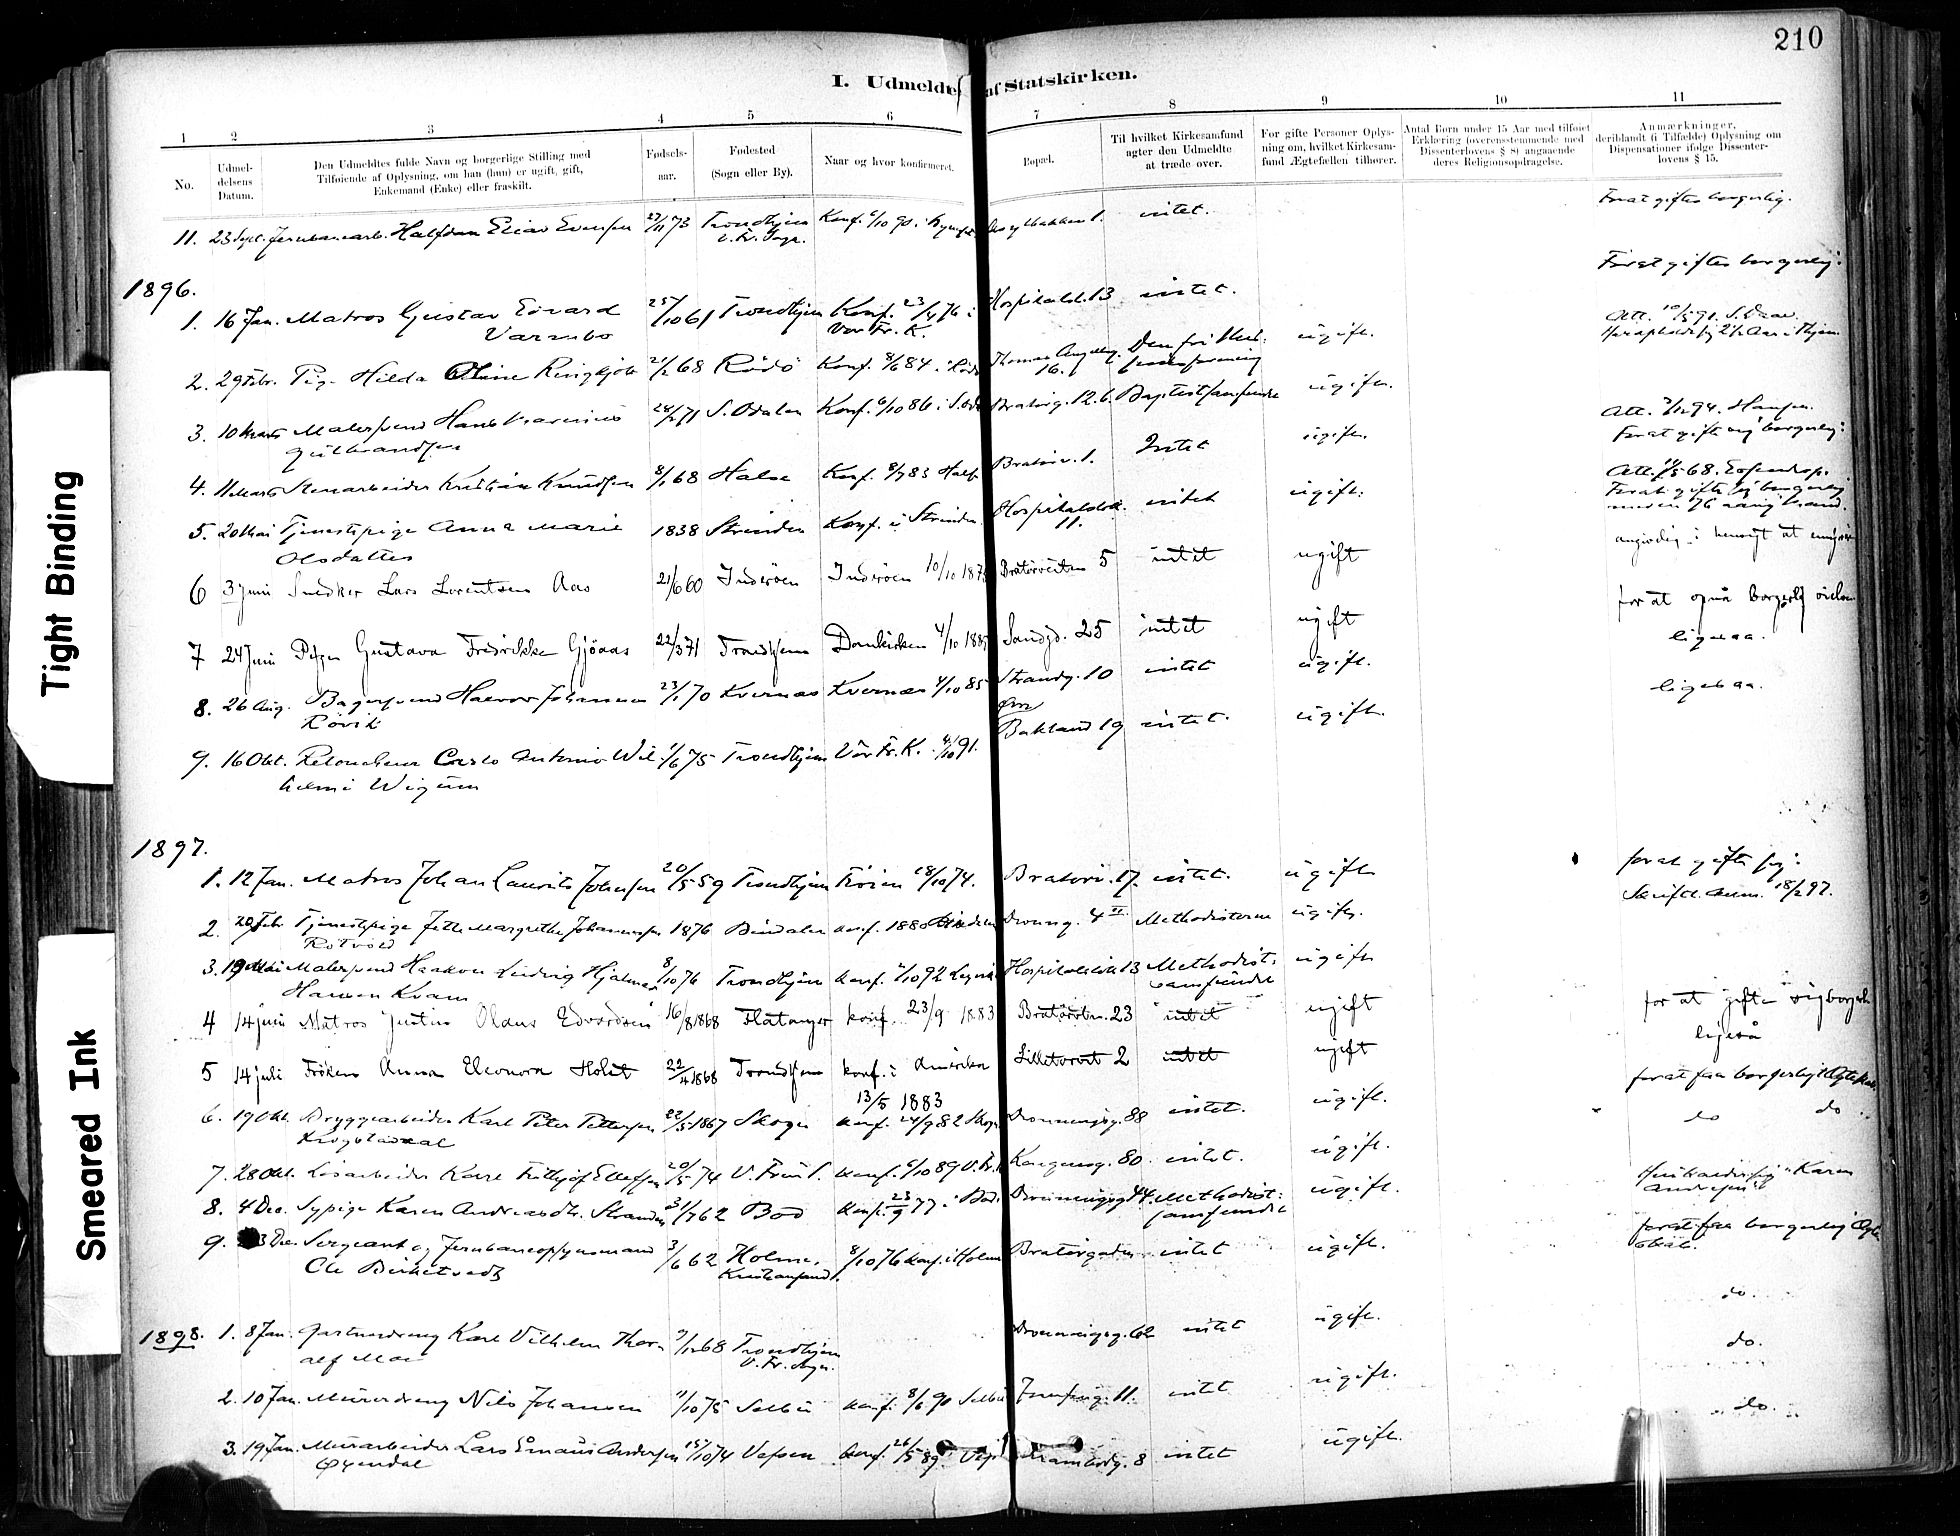 SAT, Ministerialprotokoller, klokkerbøker og fødselsregistre - Sør-Trøndelag, 602/L0120: Ministerialbok nr. 602A18, 1880-1913, s. 210